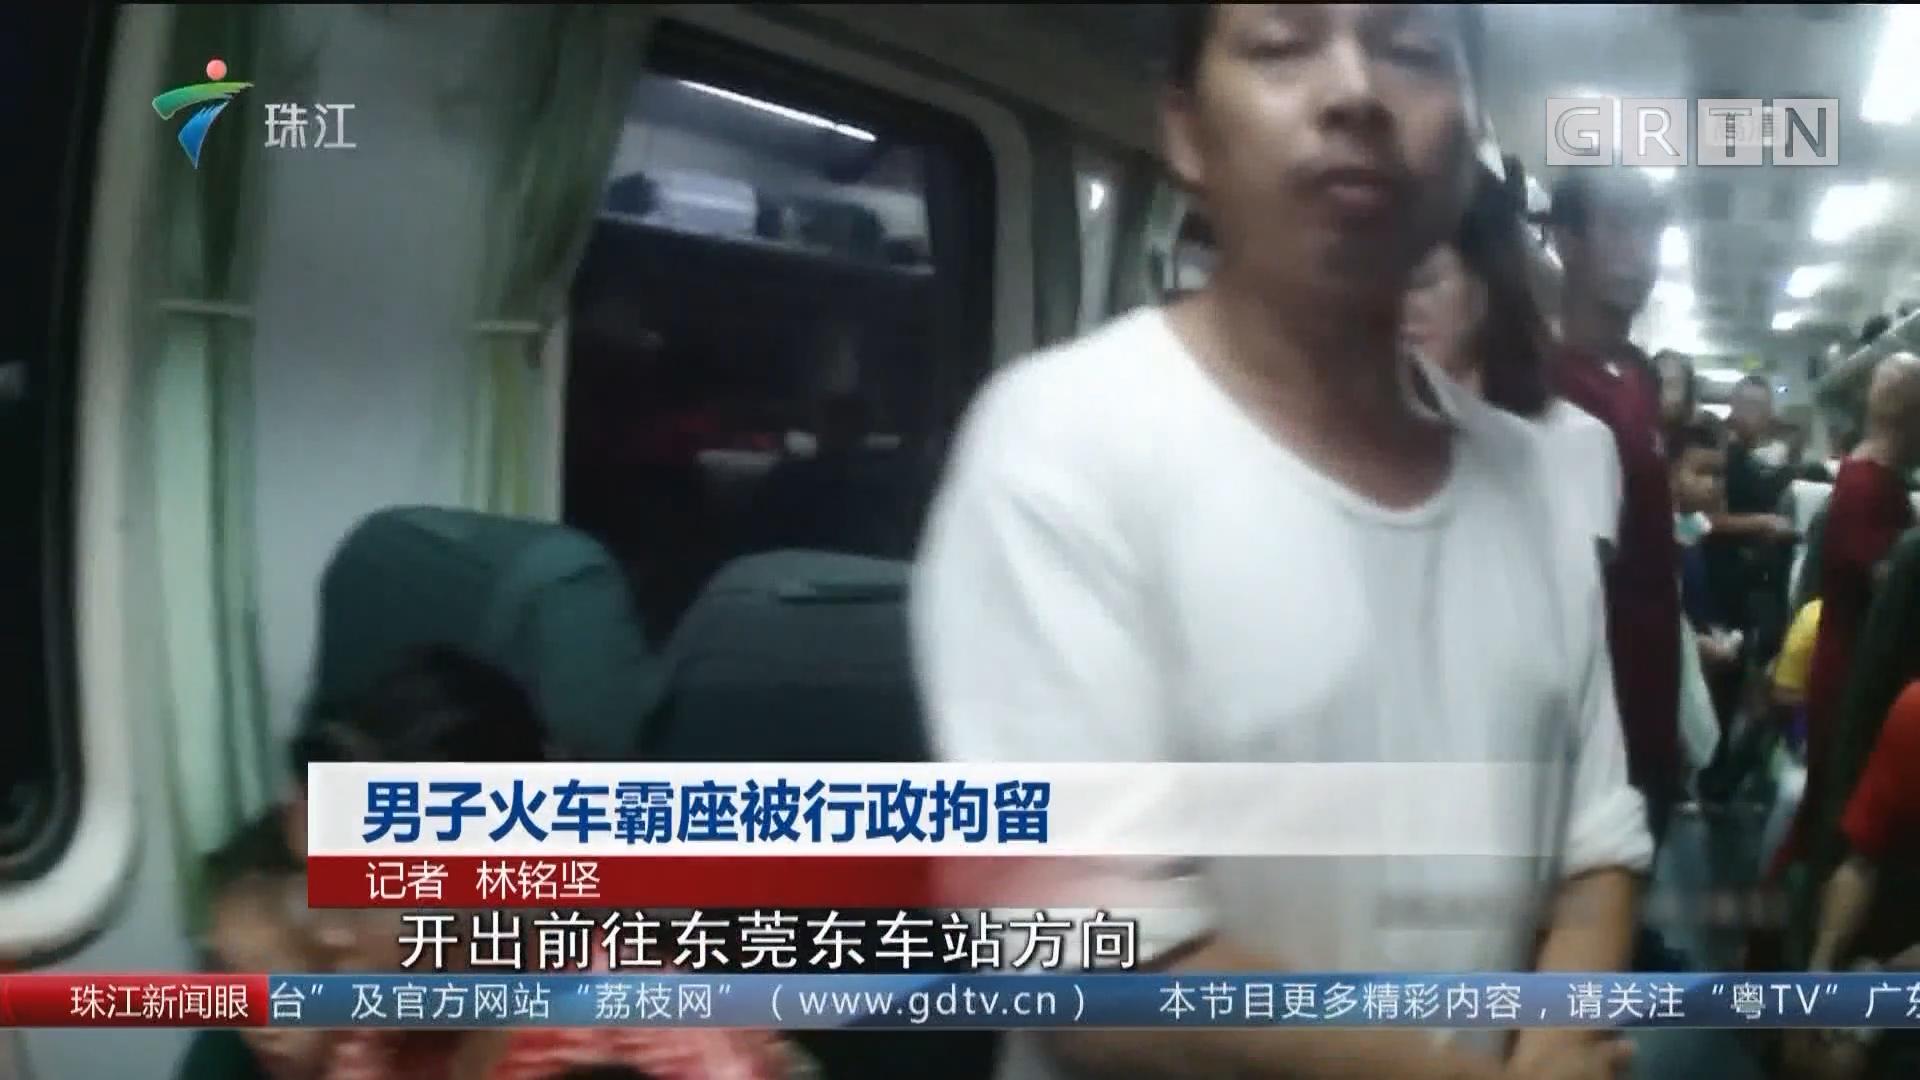 男子火車霸座被行政拘留